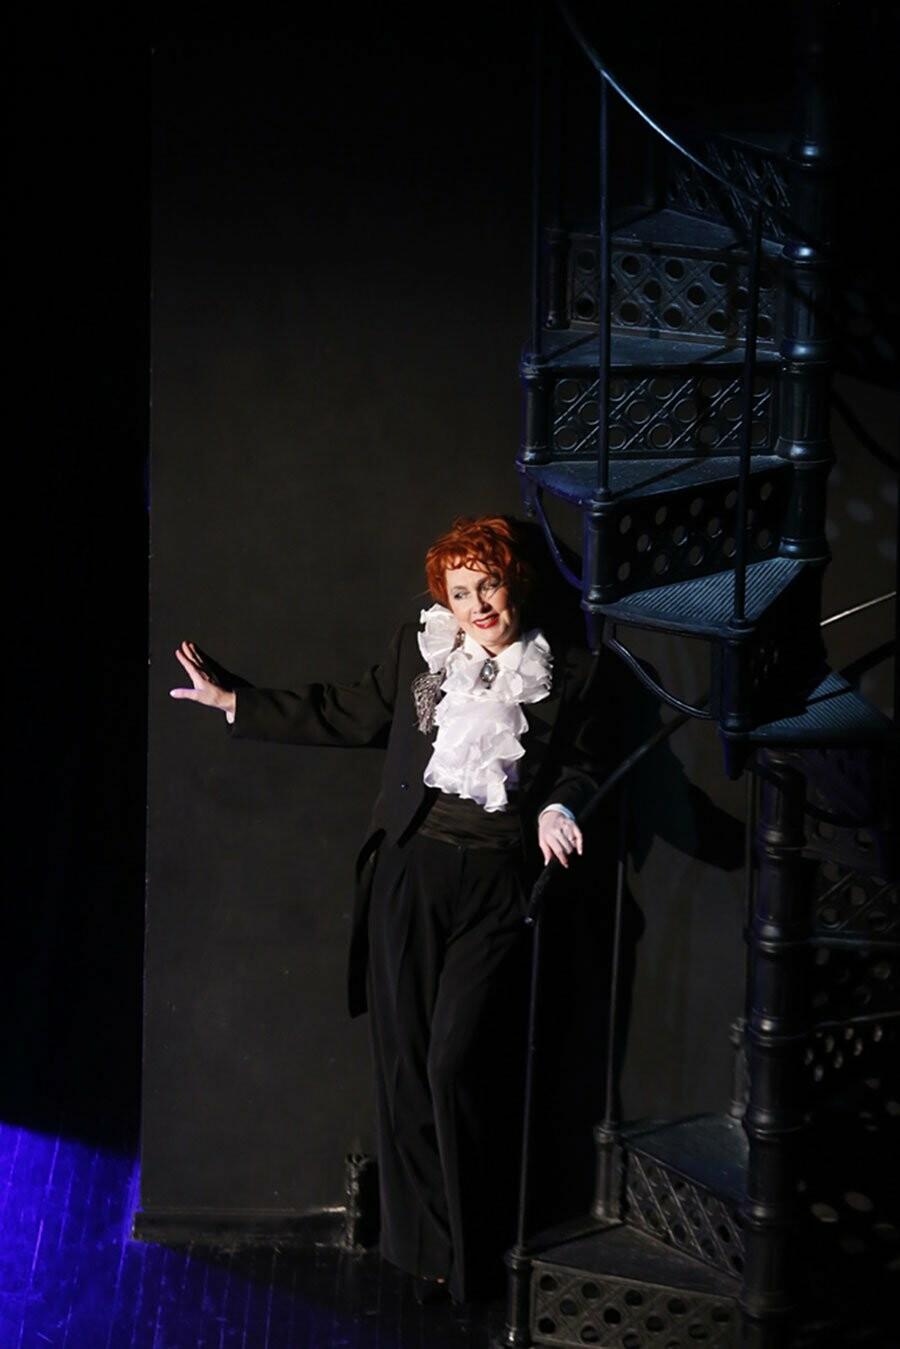 Актриса Псковского театра драмы Ирина Смирнова представит свой спектакль на фестивале «МОНОФЕСТ» в Перми, фото-1